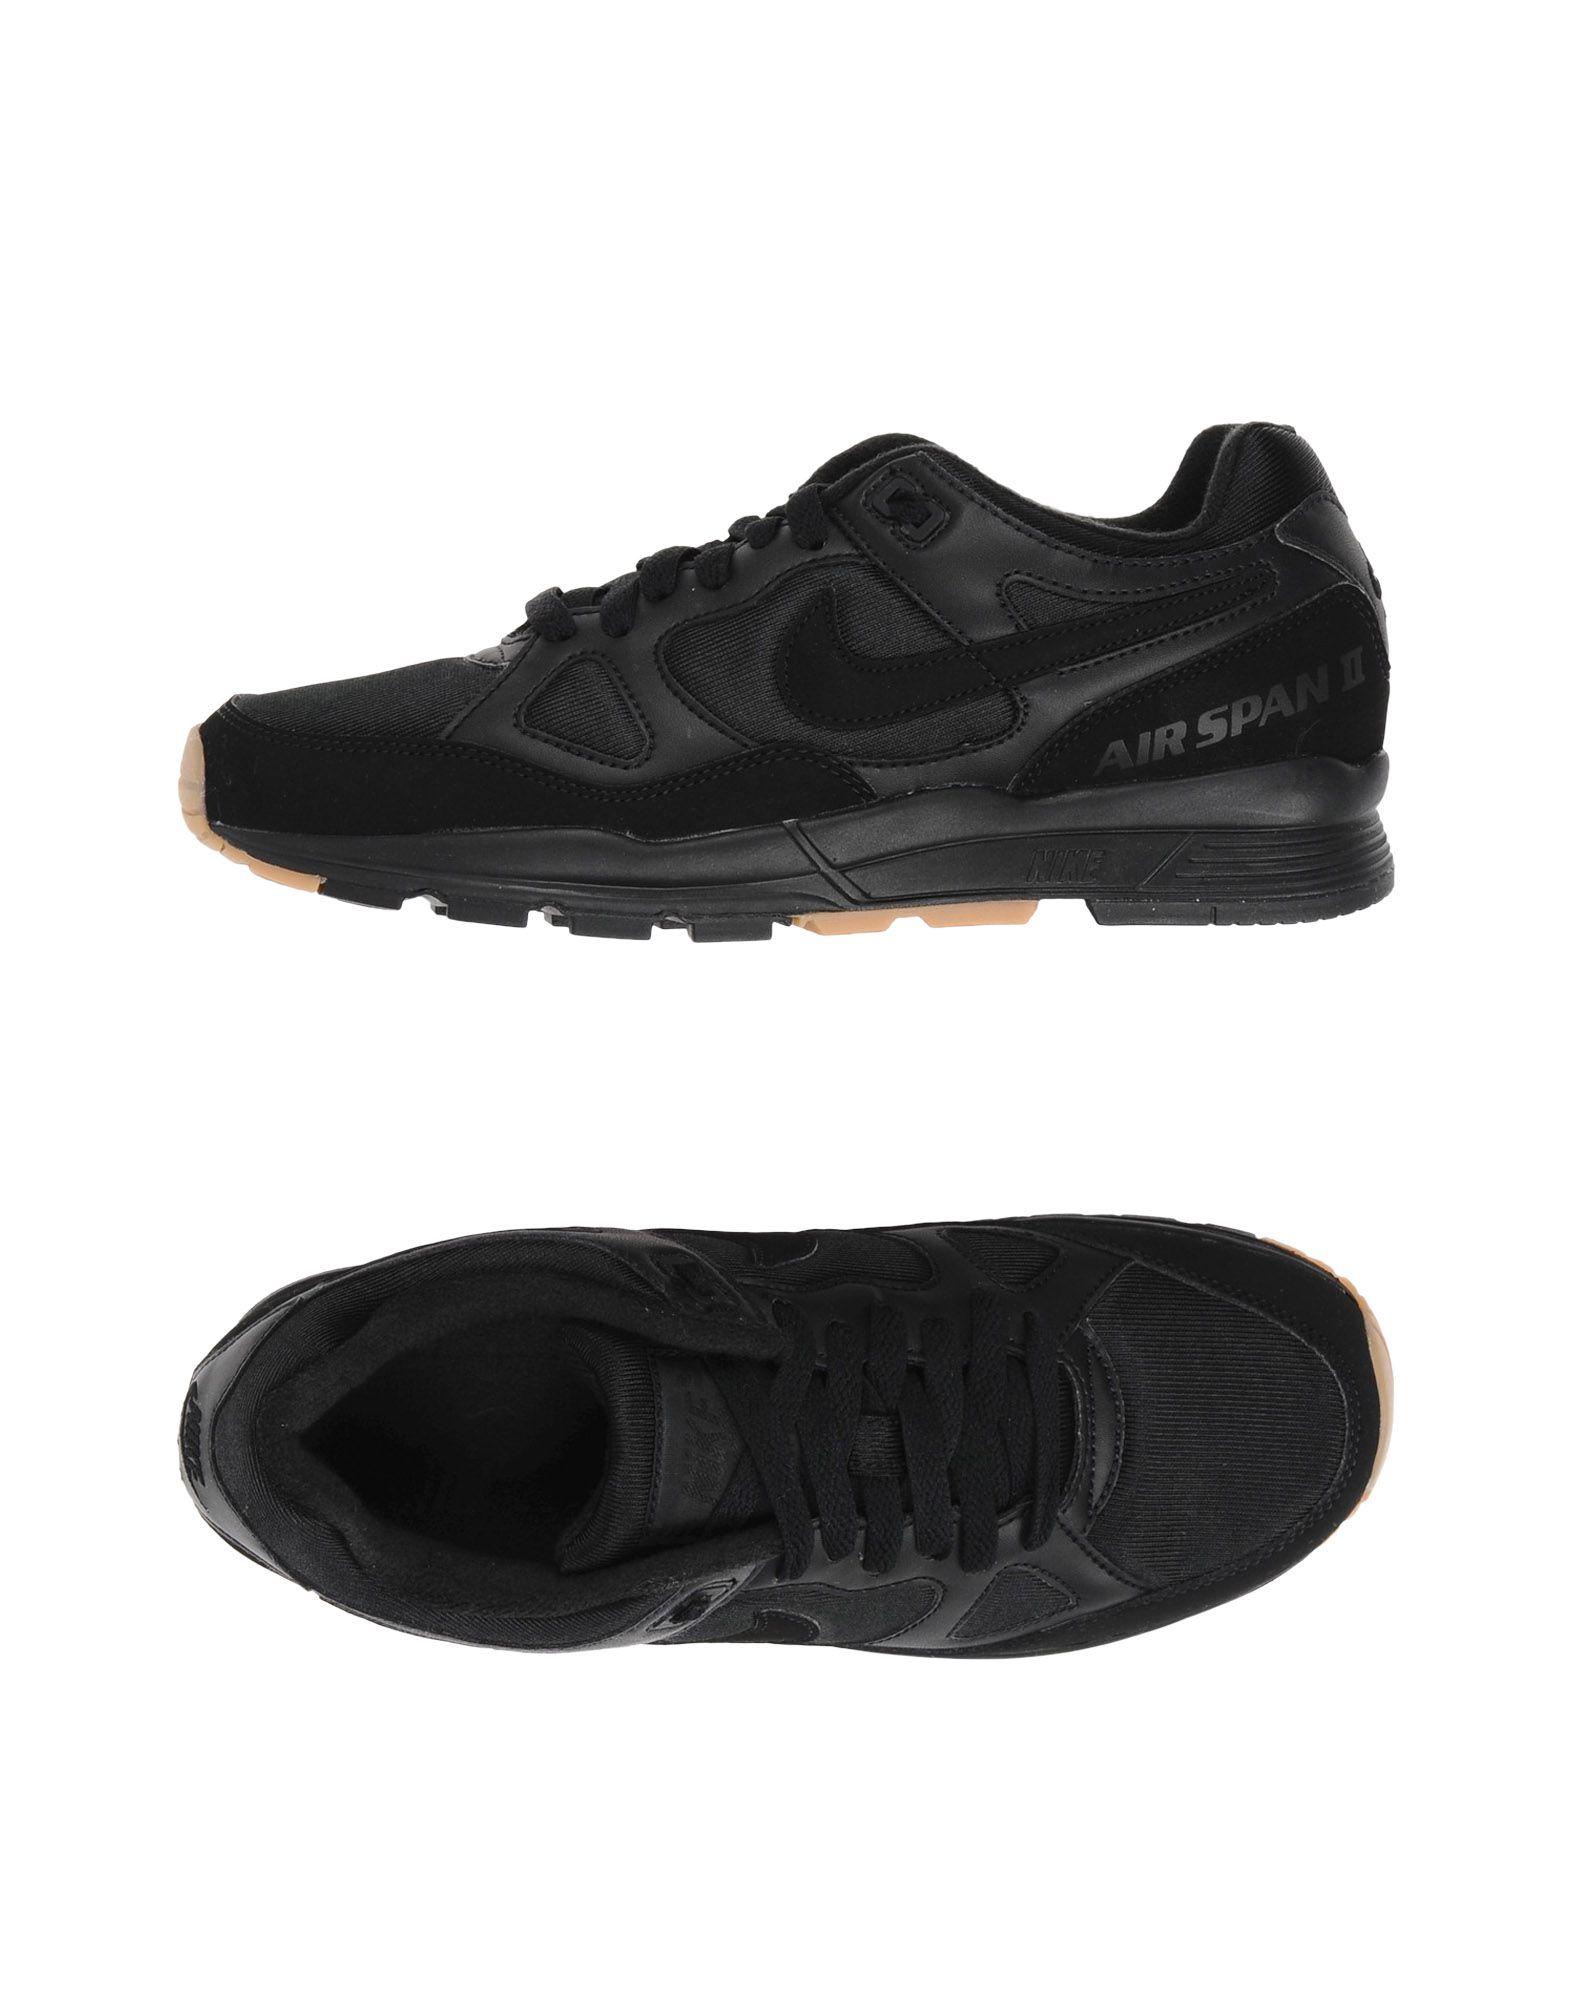 Sneakers Nike Air Span Ii - Femme - Sneakers Nike sur